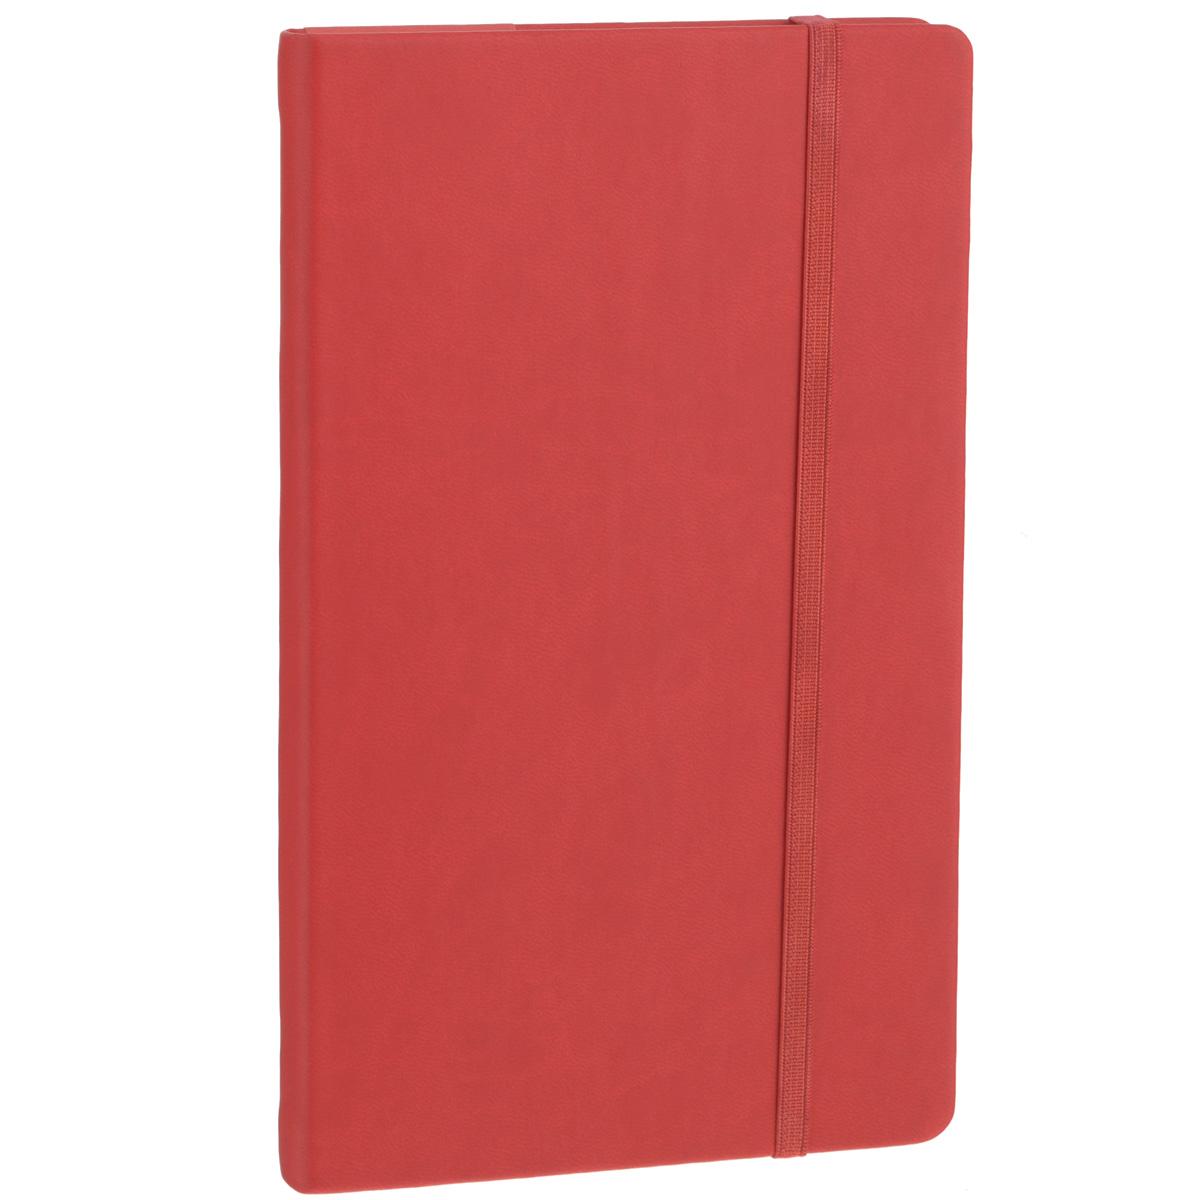 Записная книжка Erich Krause Festival, цвет: красный, 96 листовЕКК61515205Записная книжка Erich Krause Festival - это дополнительный штрих к вашему имиджу. Демократичная в своем содержании, книжка может быть использована не только для личных пометок и записей, но и как недатированный ежедневник. Надежная твердая обложка из плотного приятного на ощупь картона сохранит ее в аккуратном состоянии на протяжении всего времени использования. Плотная в линейку бумага белого цвета, закладка-ляссе, практичные скругленные углы, эластичная петелька для ручки и внутренний бумажный карман на задней обложке - все это обеспечит вам истинное удовольствие от письма. В начале книжки имеется страничка для заполнения личных данных владельца, четыре страницы для заполнения адресов, телефонов и интернет-почты и четыре страницы для заполнения сайтов и ссылок. Благодаря небольшому формату книжку легко взять с собой. Записная книжка плотно закрывается при помощи фиксирующей резинки.